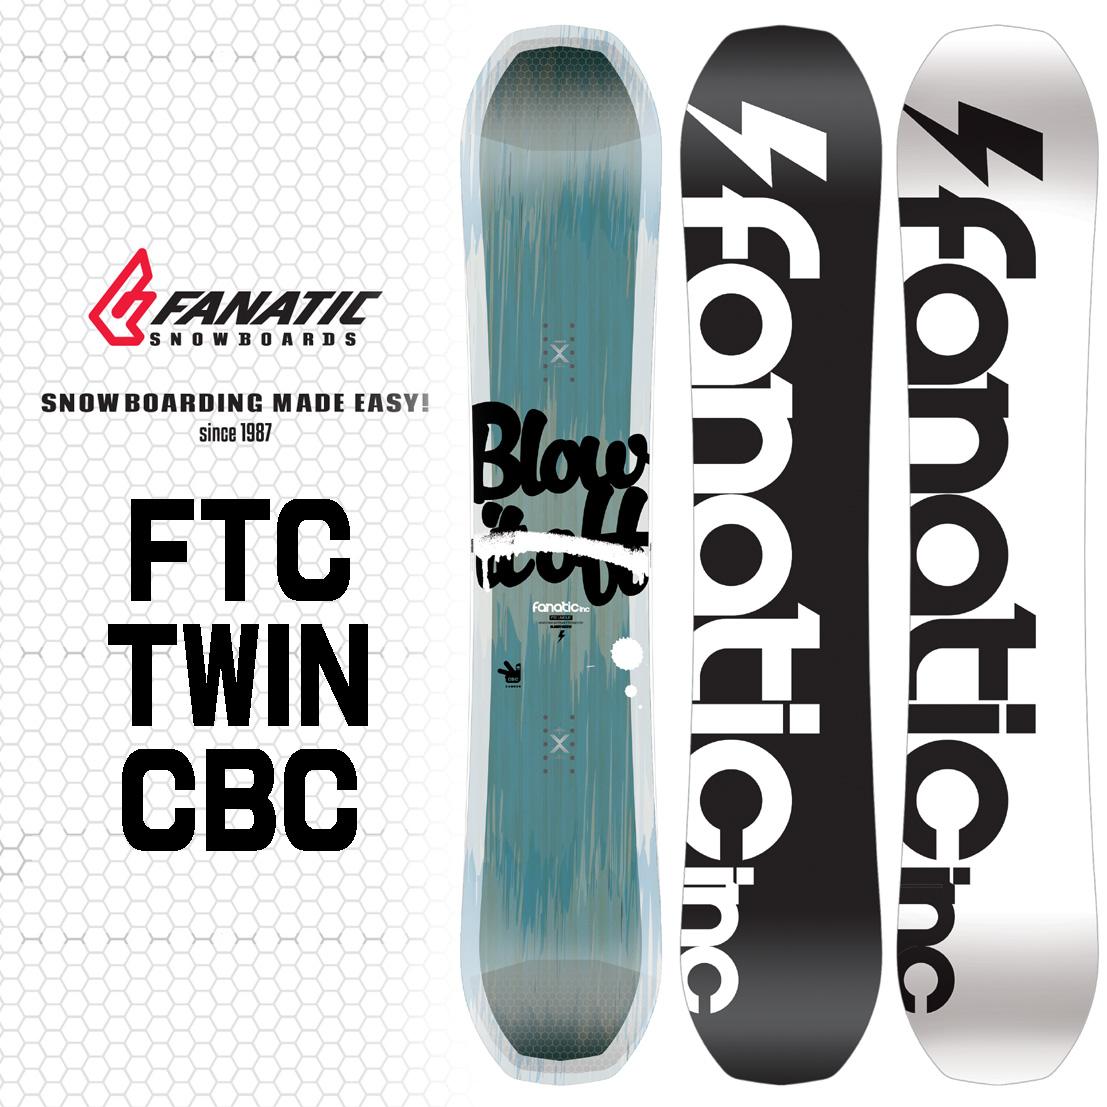 17-18 FANATIC FTC TWIN CBC/17-18 ファナティック/17-18 FTC TWIN CBC/FANATIC スノーボード/FANATIC ボード/ファナティック スノーボード/ファナティック ツイン/150/2017-2018